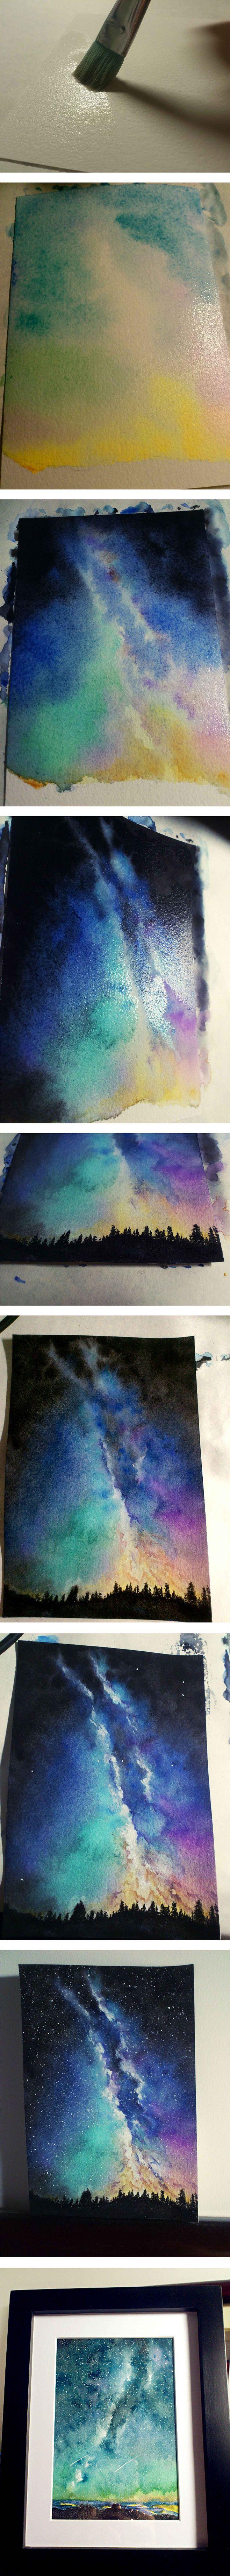 Watercolor sky Tutorial